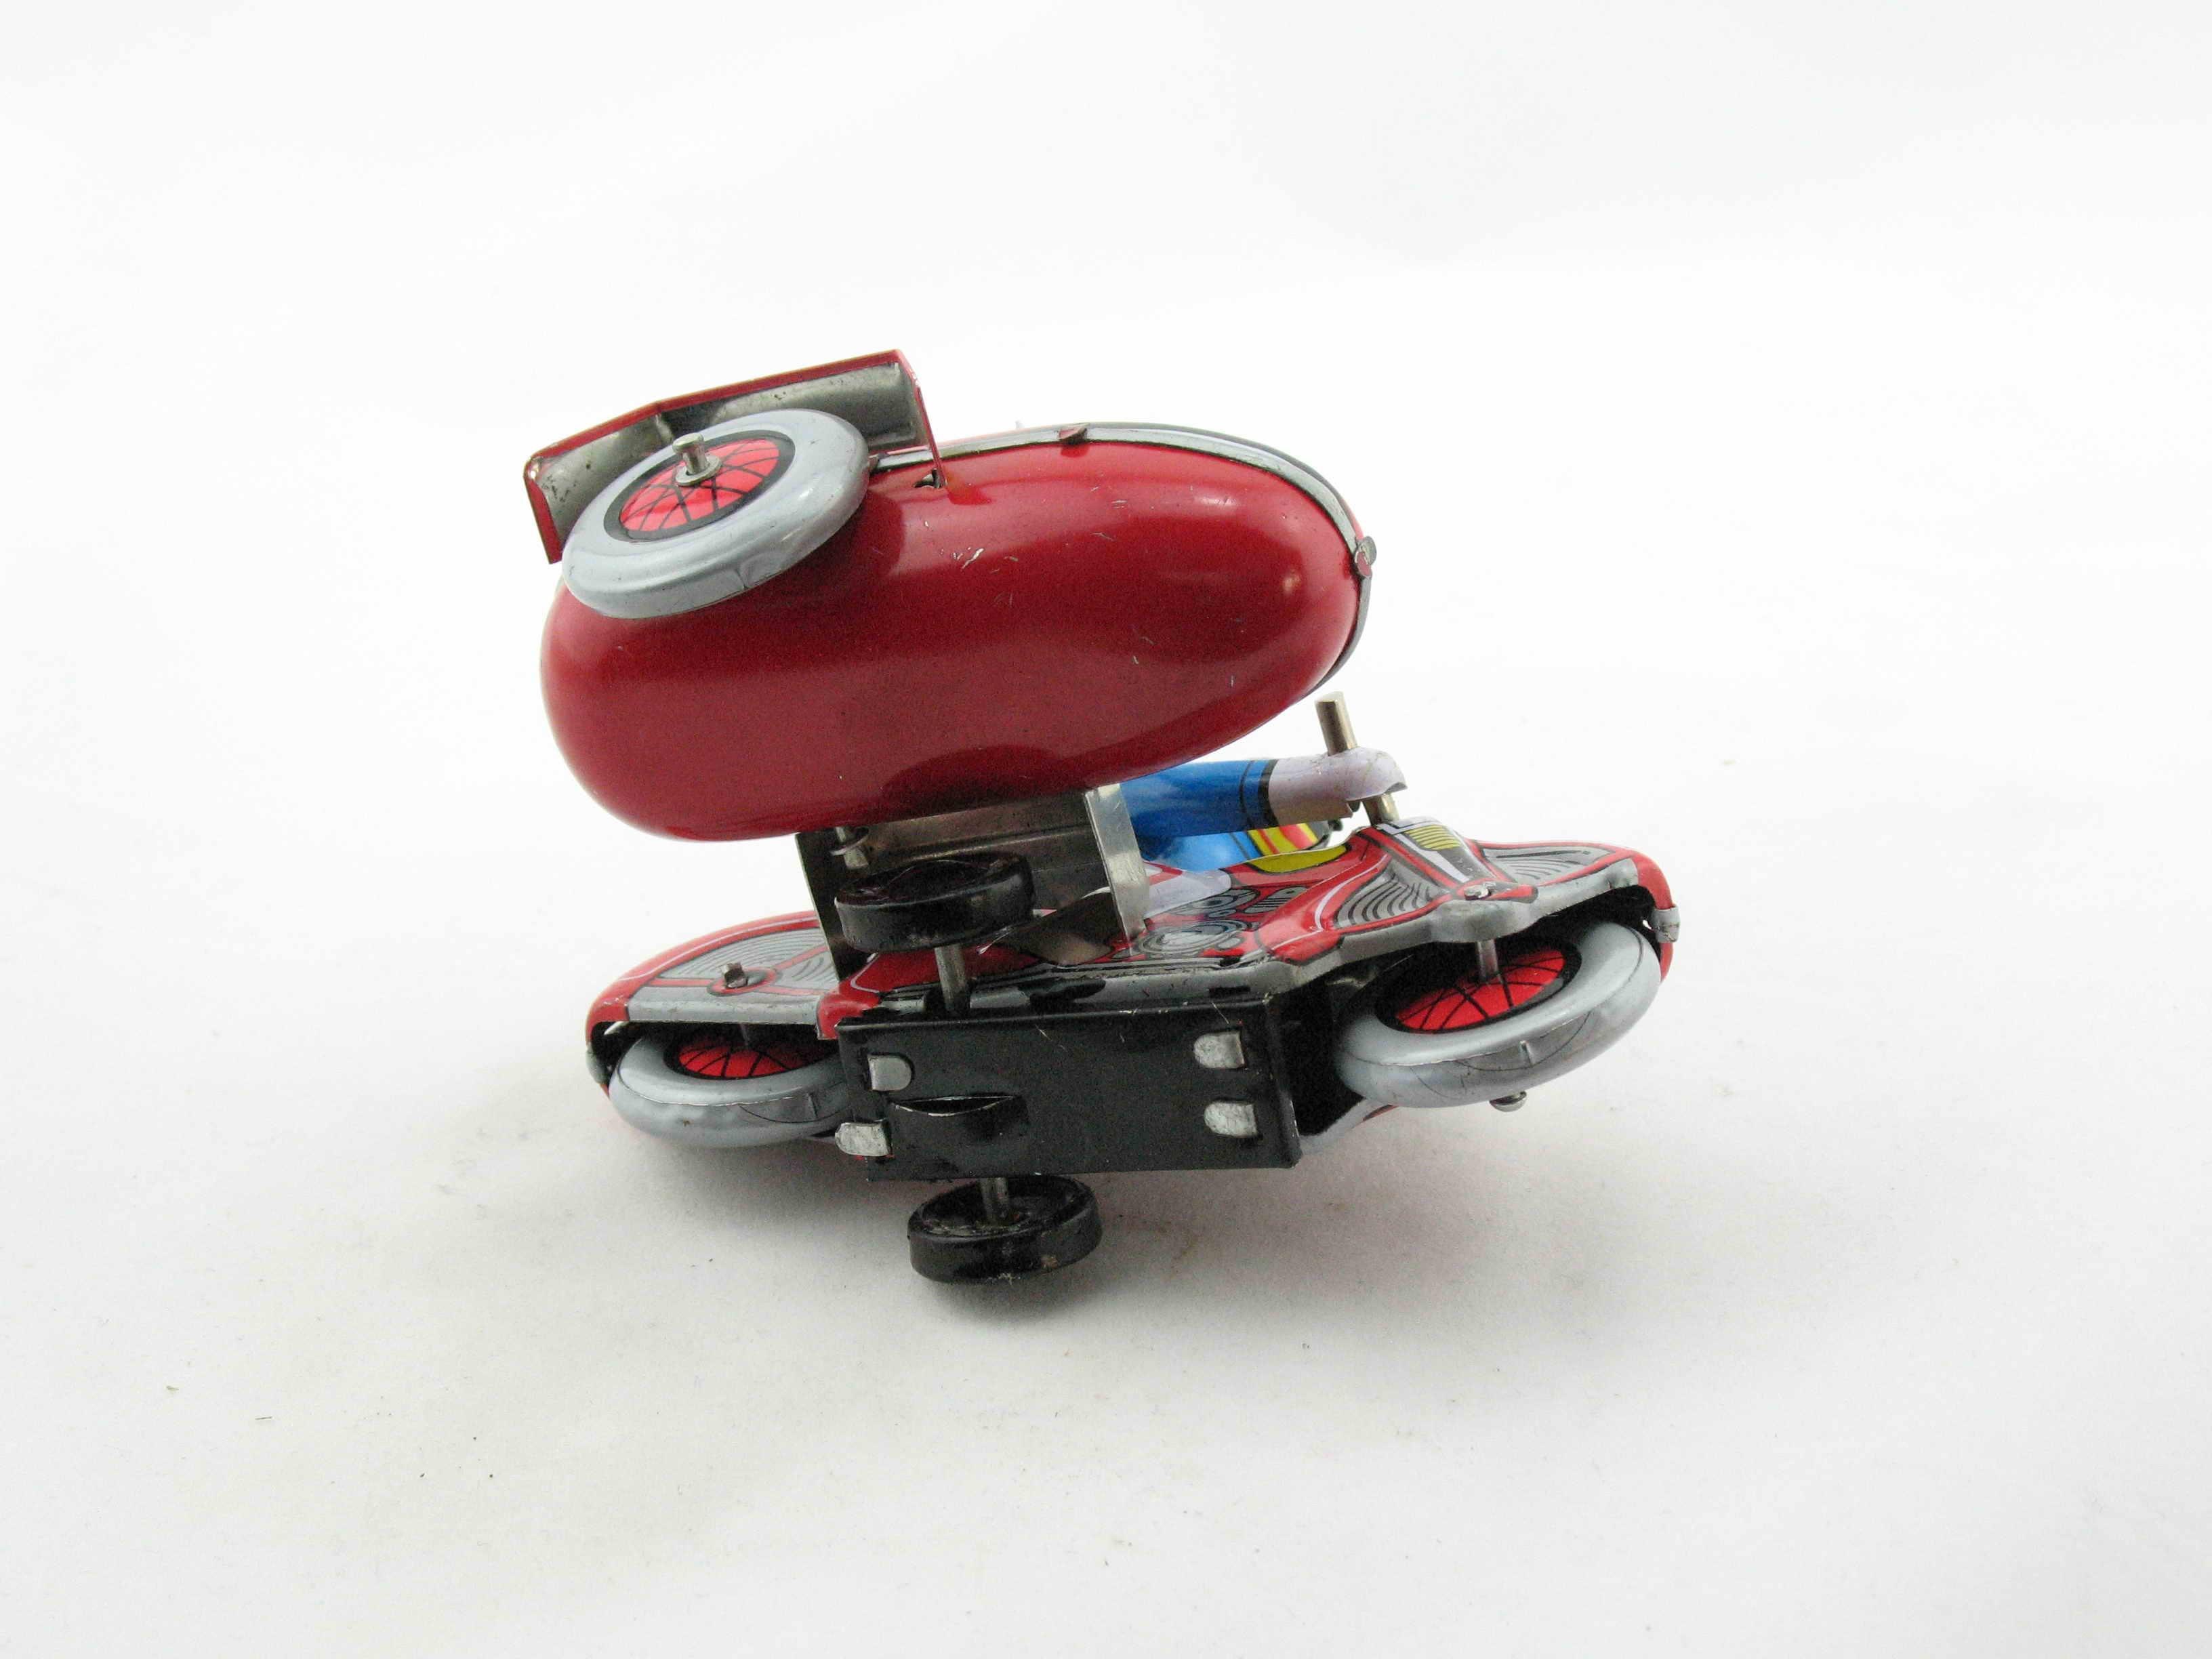 Motorrad mit Beiwagen  3210281 Blechspielzeug